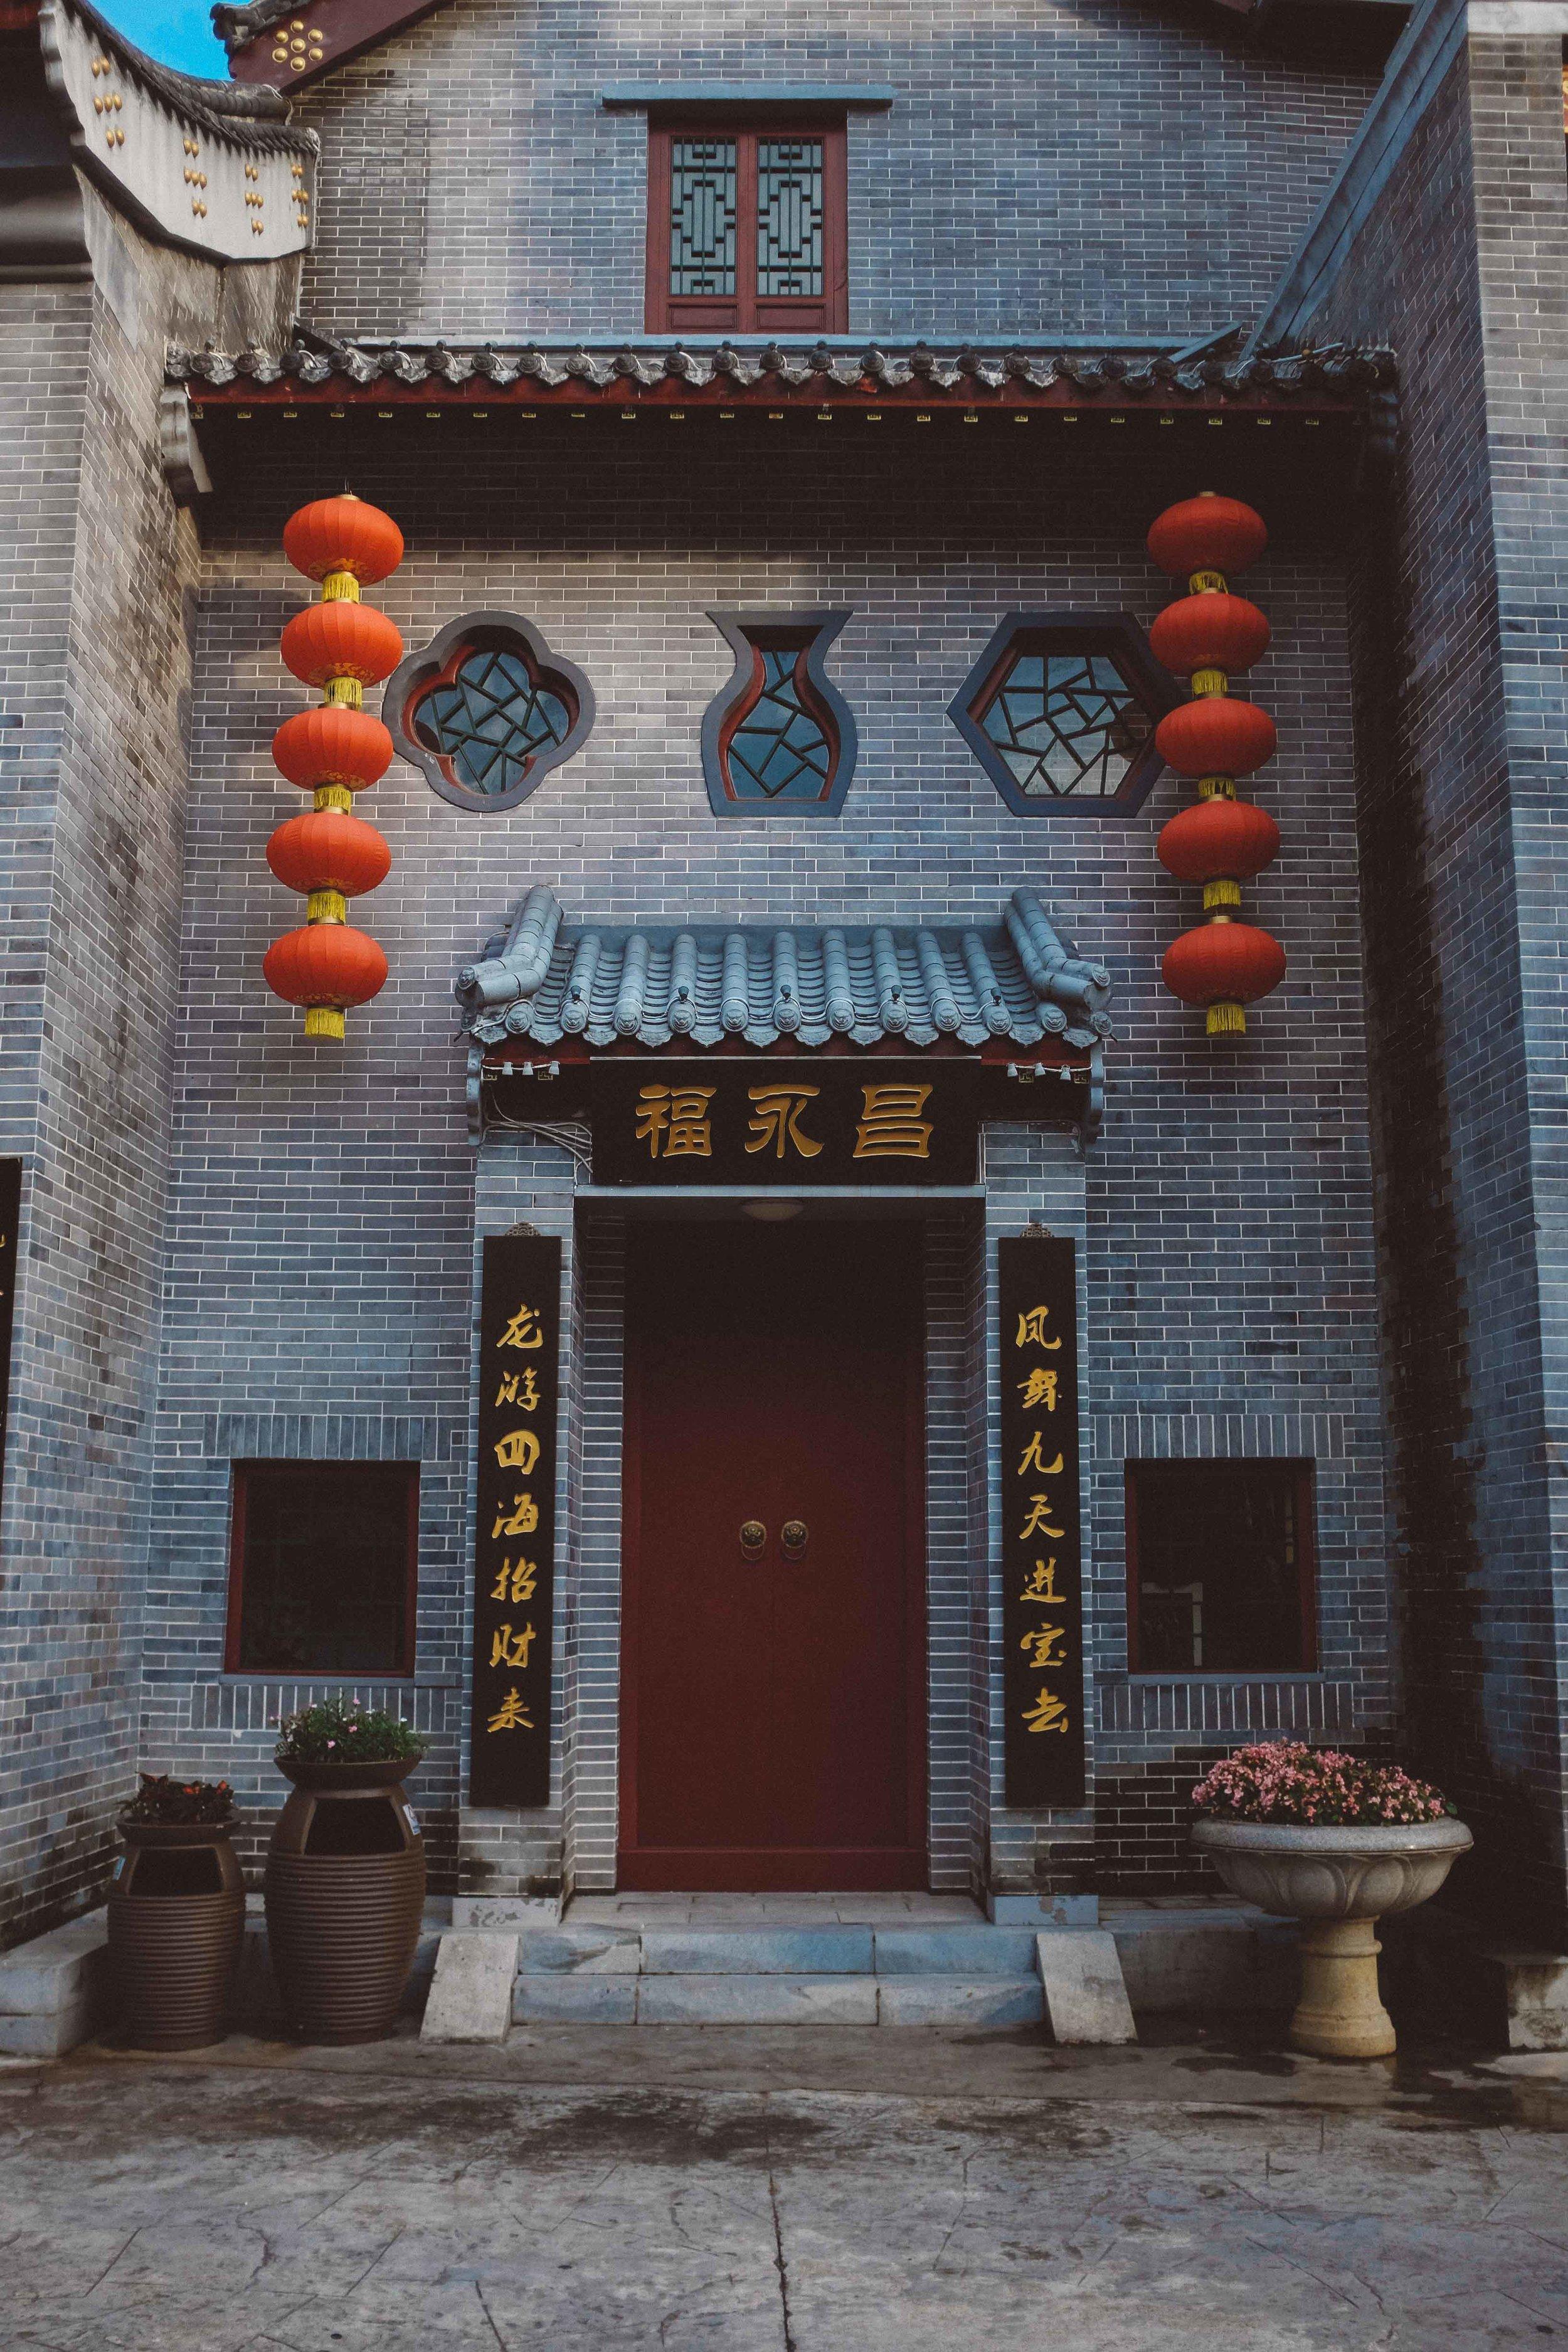 China_x100t_fujifilm_77.jpg